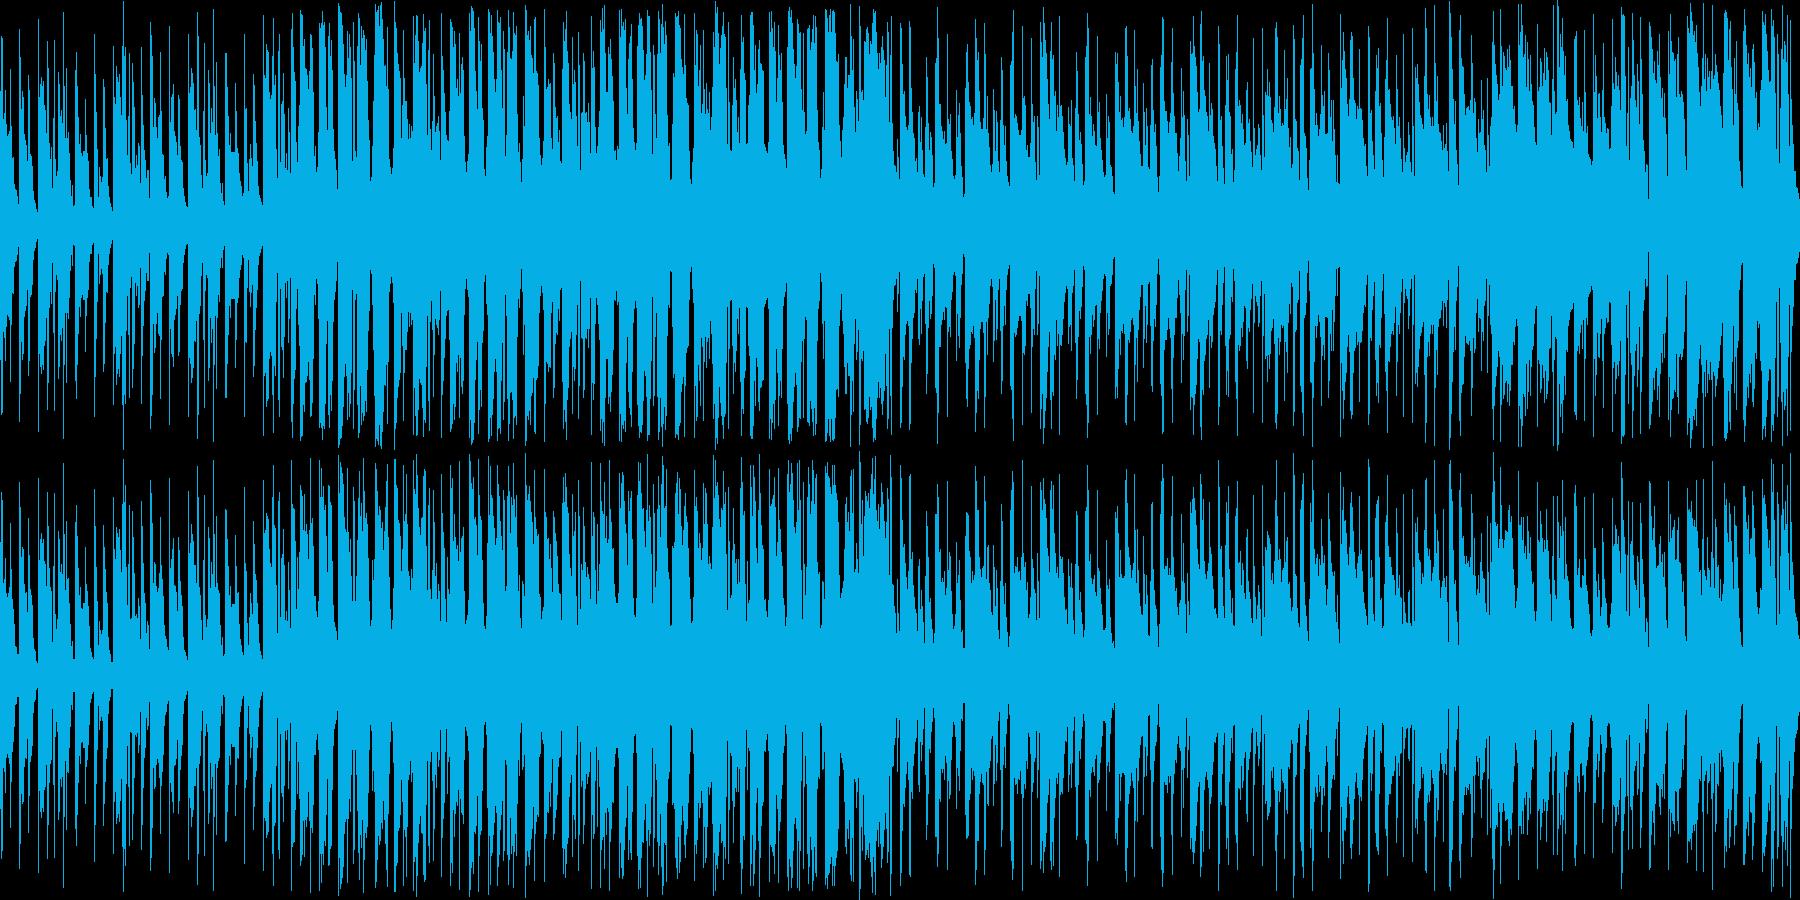 【ループ】楽しく弾むような、明るいBGMの再生済みの波形